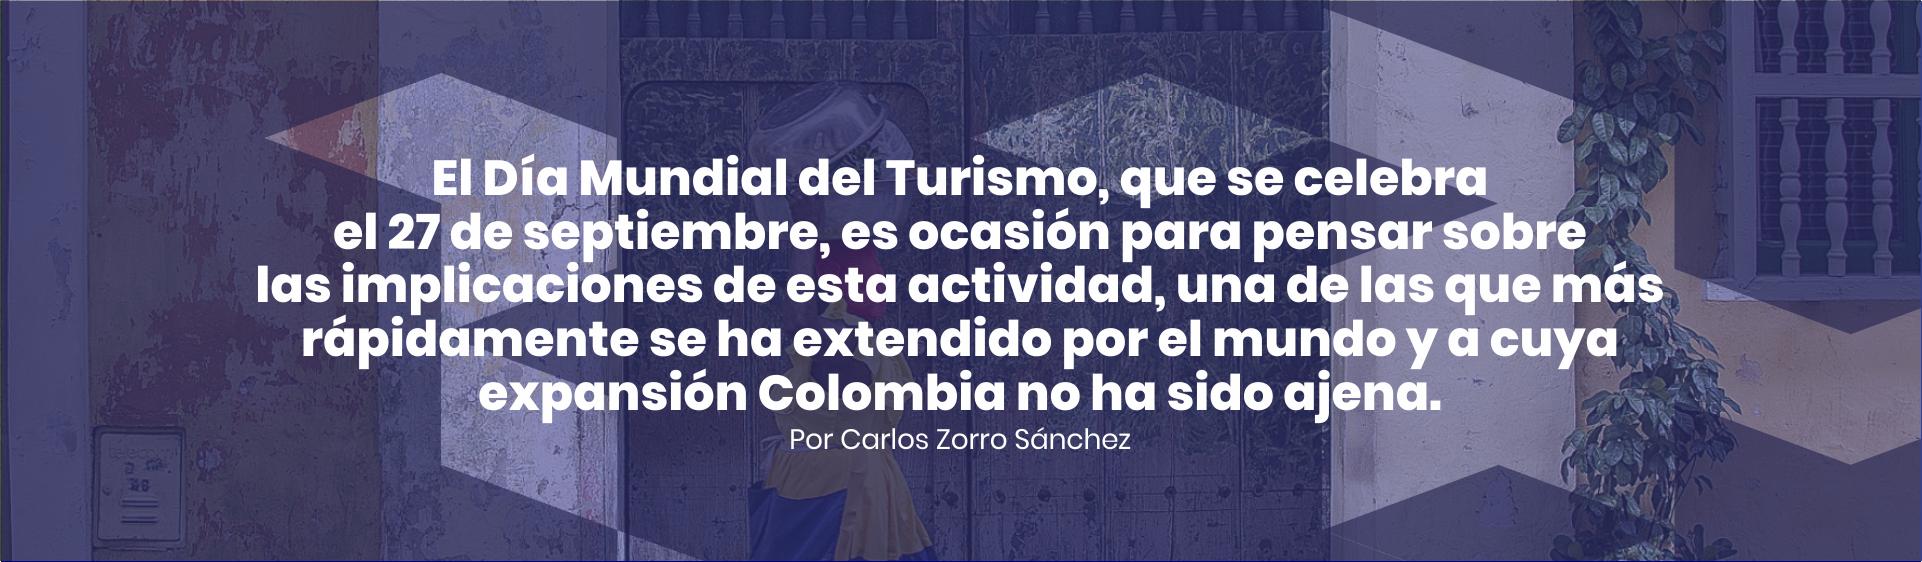 Imagen de mujer Palenquera en Cartagena y el turismo potencial y riesgos